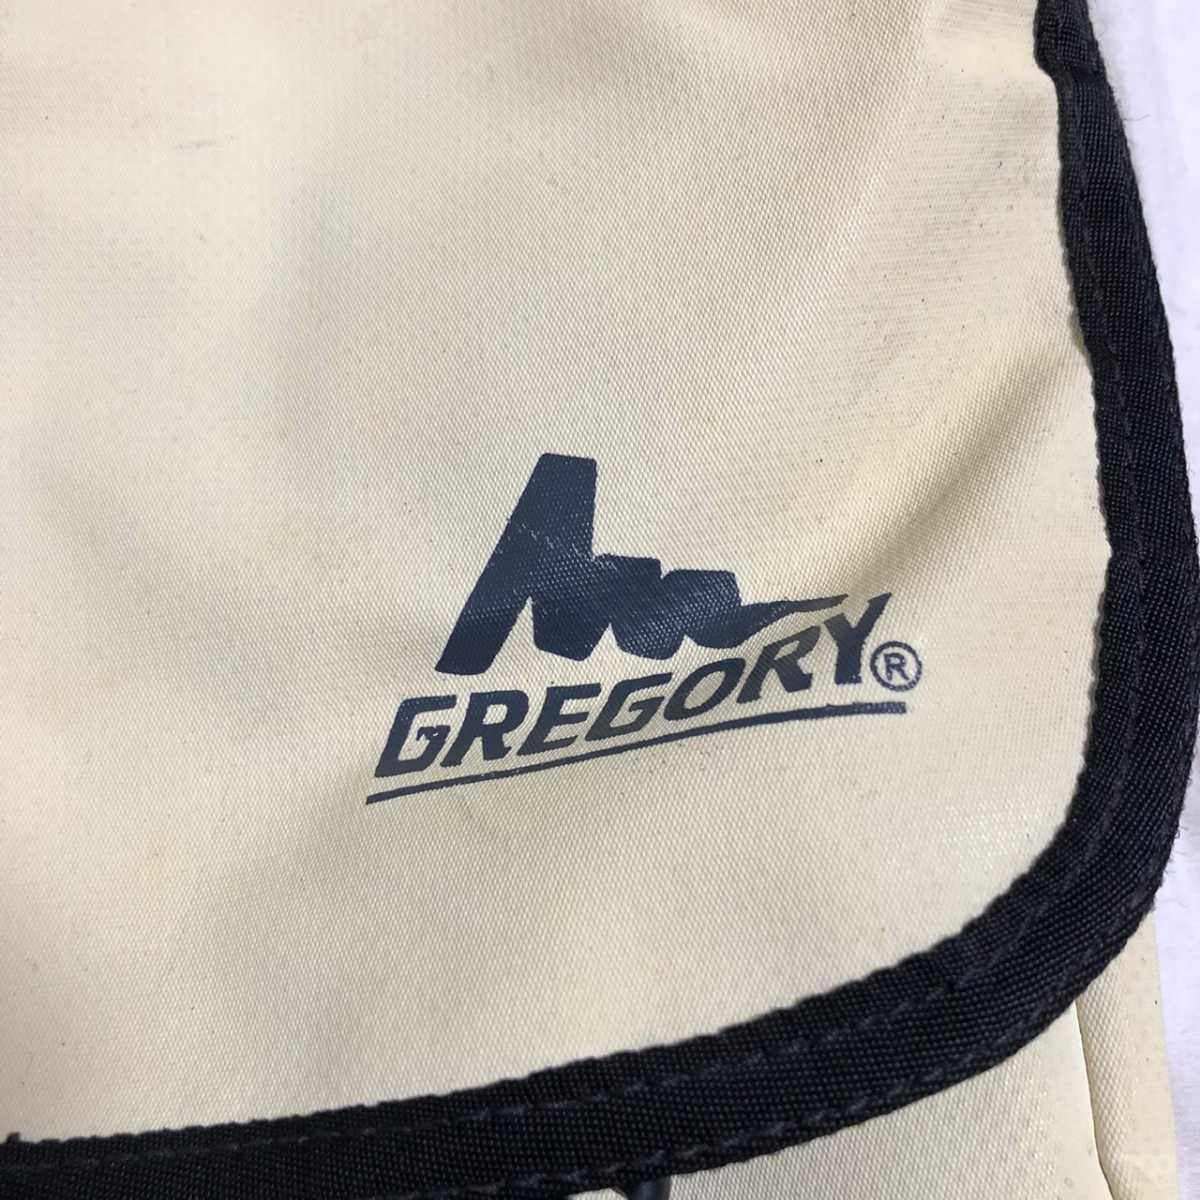 GREGORY グレゴリー メッセンジャーバッグ ショルダーバッグ エナメル クリーム色